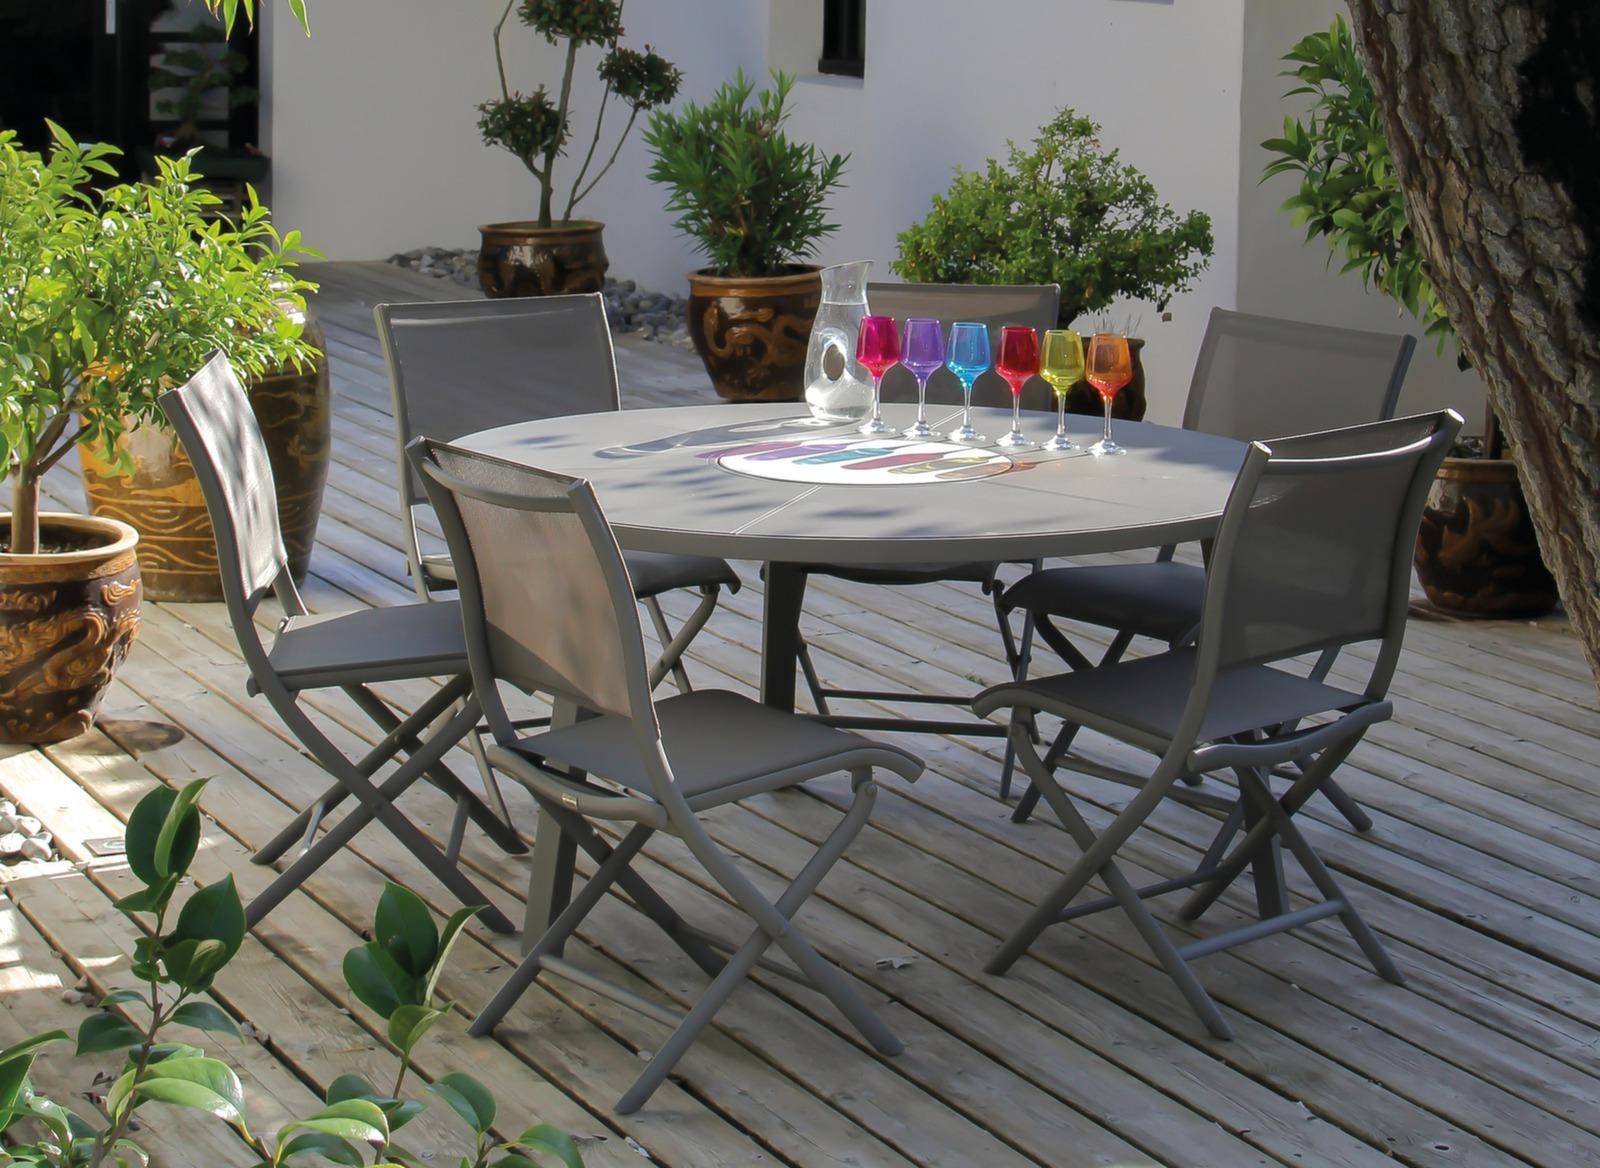 table de jardin ronde en promo azur 150cm promotions. Black Bedroom Furniture Sets. Home Design Ideas